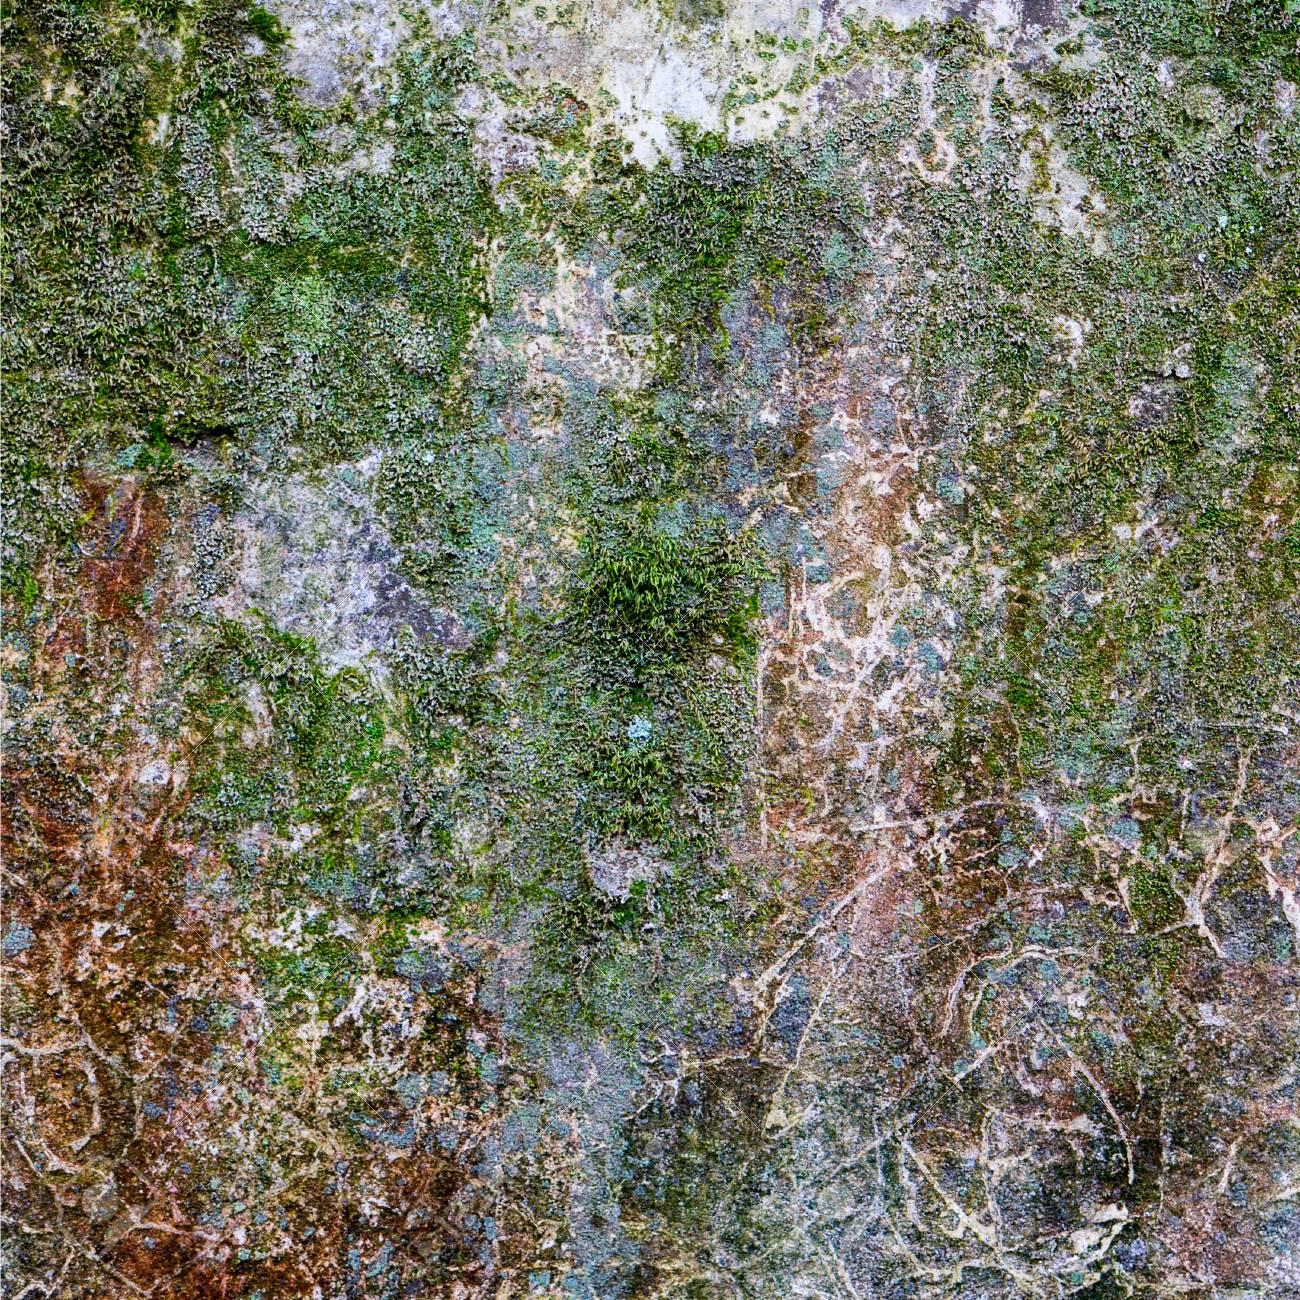 Carta Da Parati Su Muro Ruvido.Parete Ruvida Coperta Da Muschio Sfondo Di Foto Di Qualita Per Lavori 3d O Carta Da Parati Sfondo